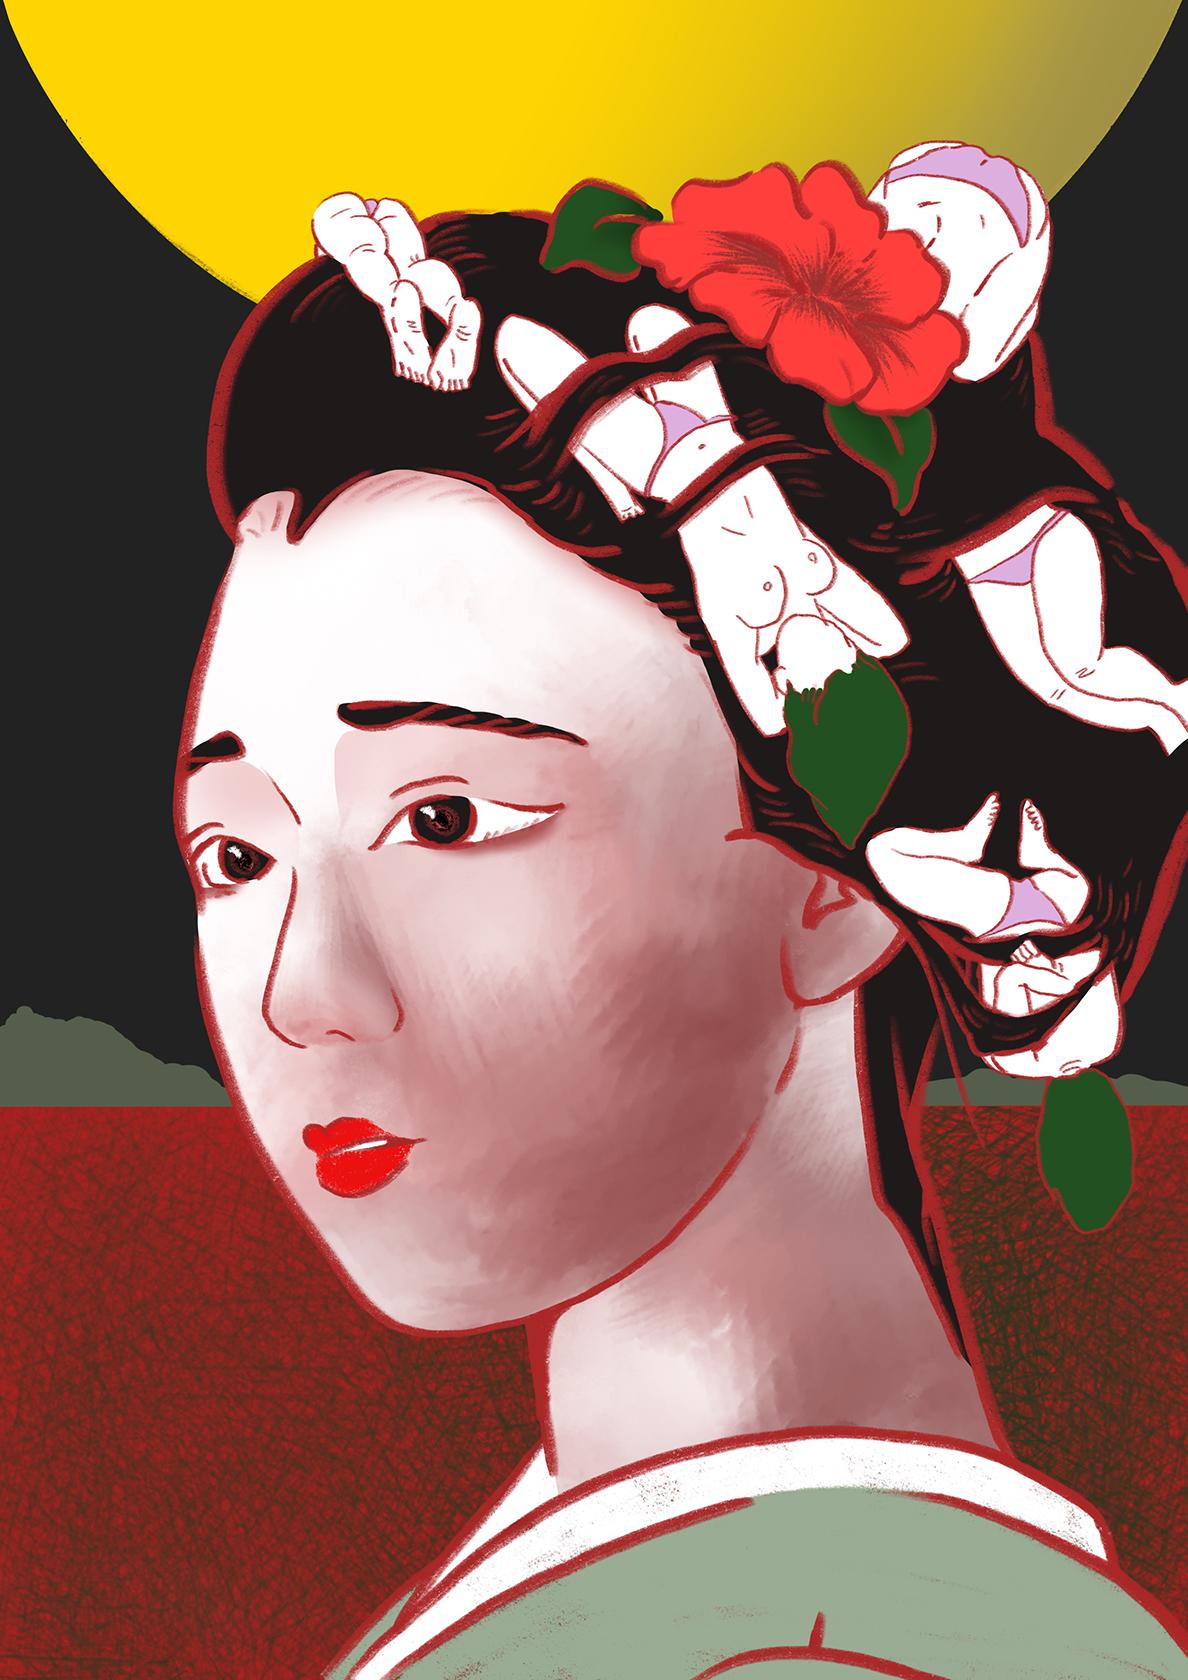 西野 萌黄 | NISHINO MOEGI